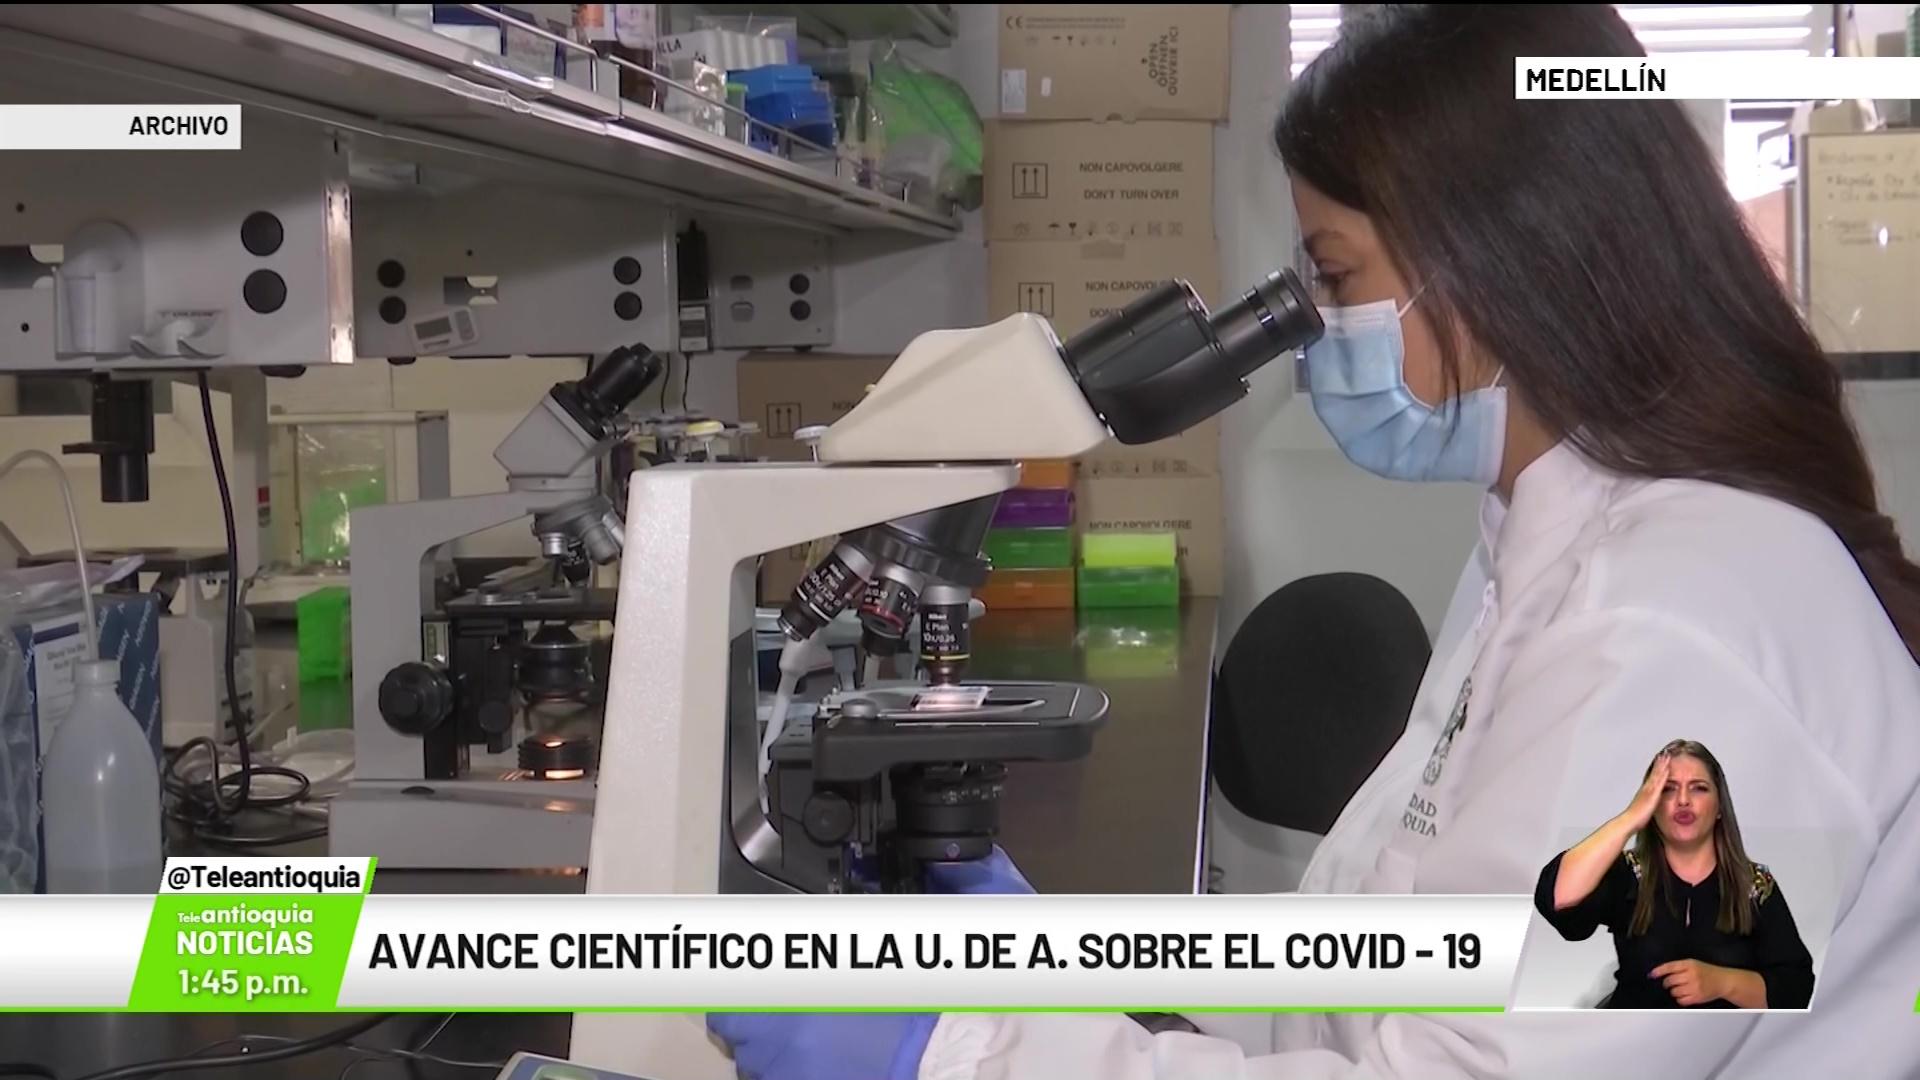 Avance científico en la U. de A. sobre el Covid-19